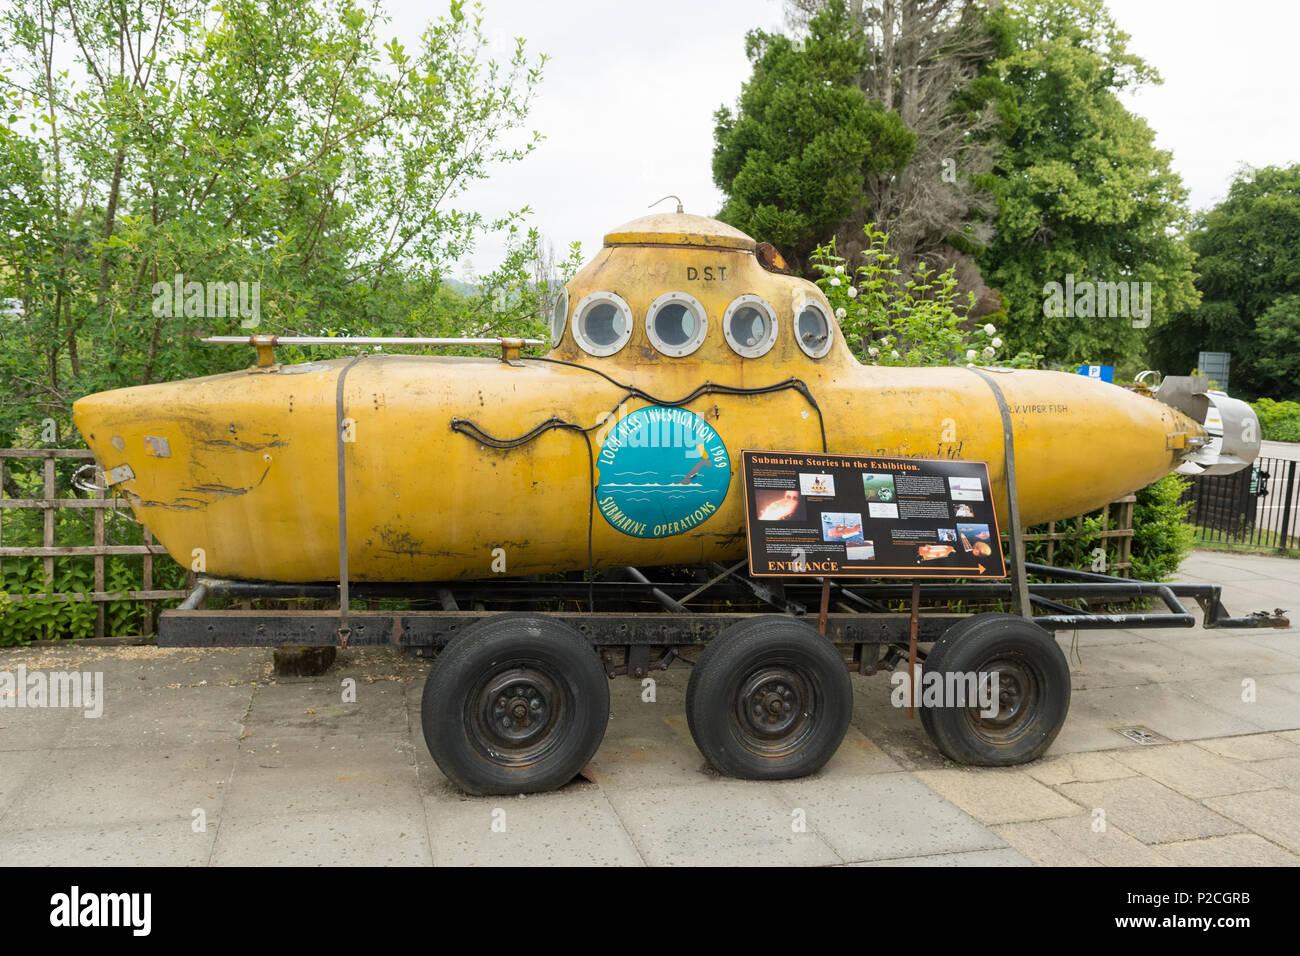 Loch Ness submarino - RV Viperfish - Centro de Loch Ness y exposición, Drumnadrochit, Escocia, Reino Unido Imagen De Stock